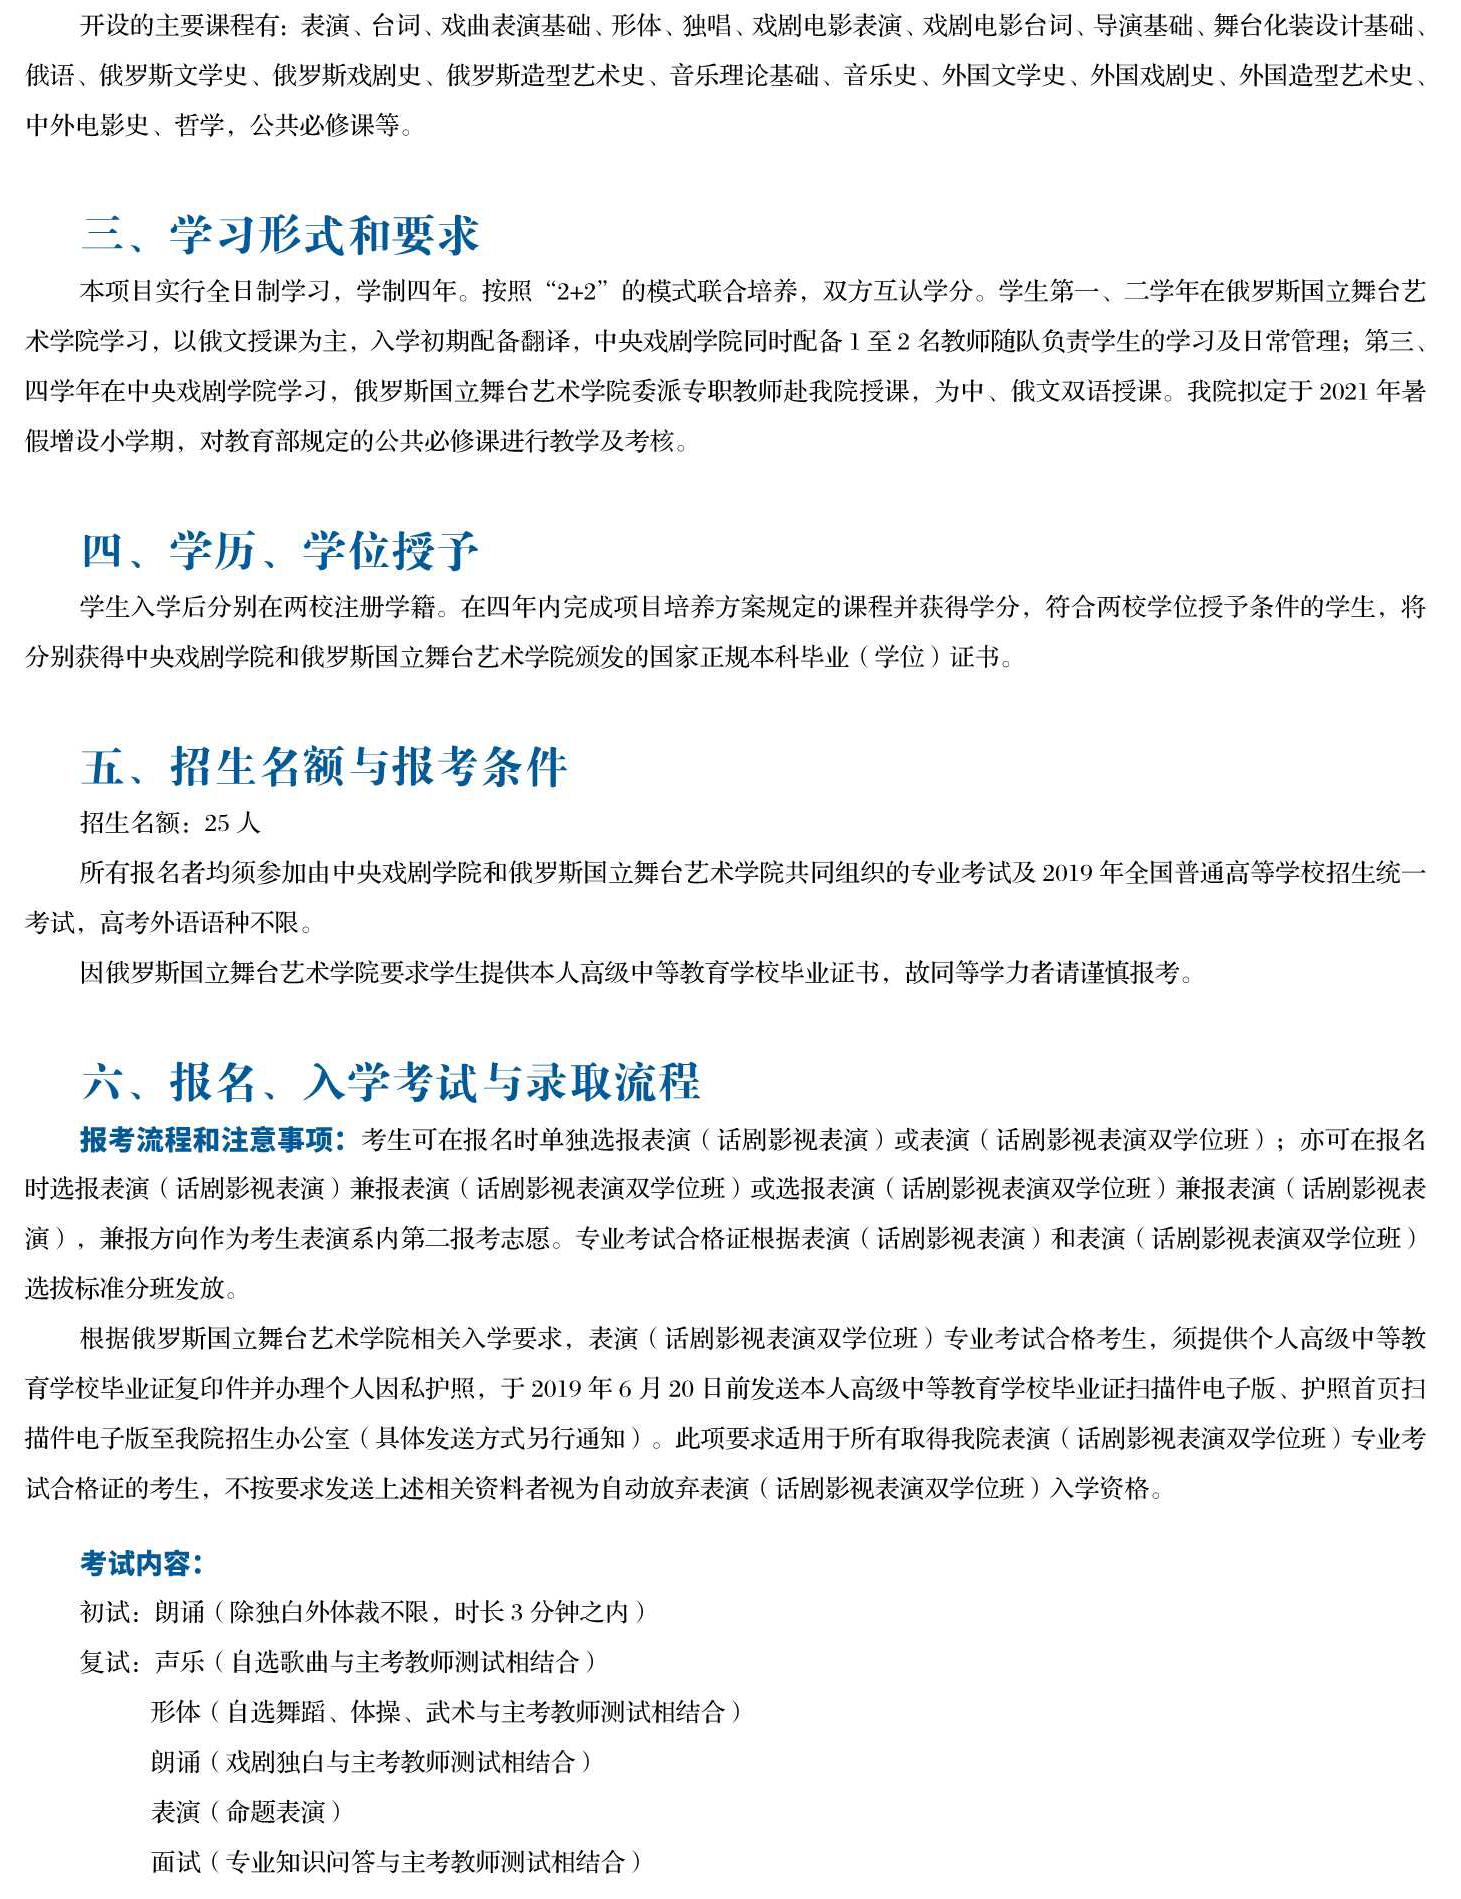 中心戲劇學院2019年話劇影視扮演雙學位班招生簡章02